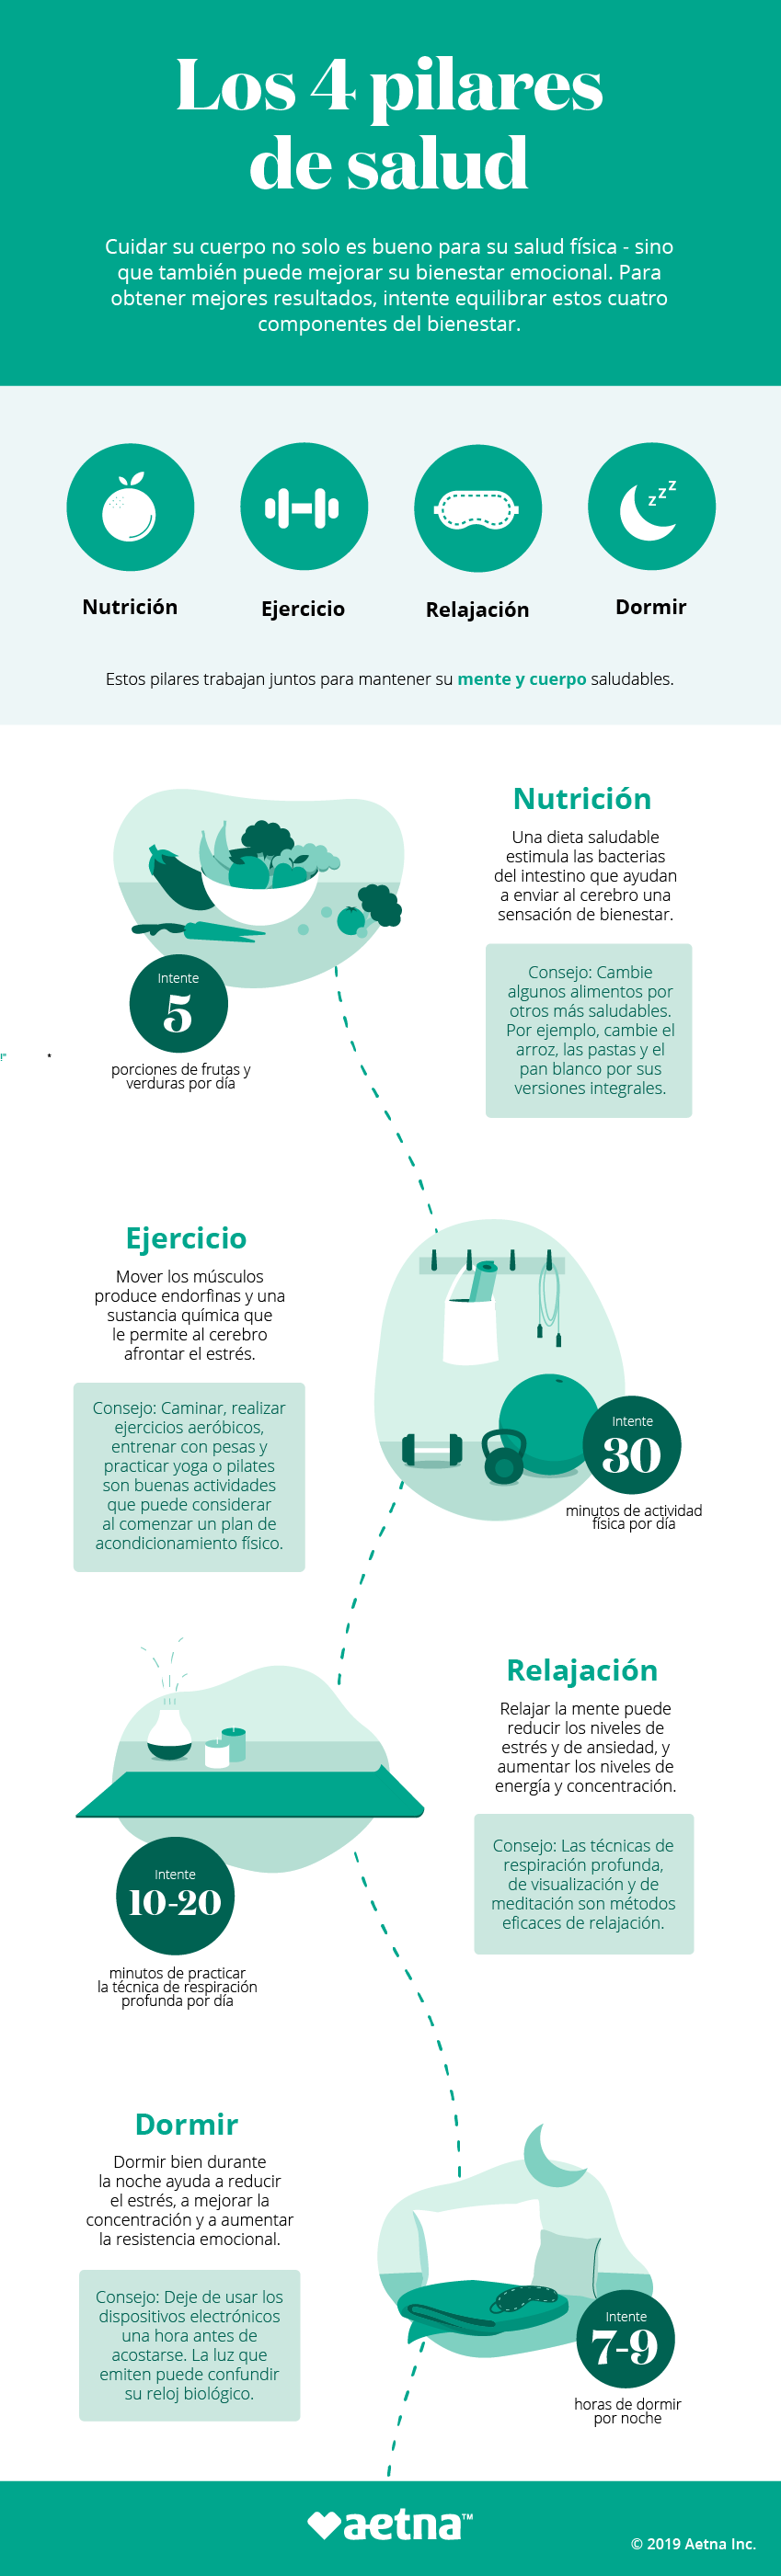 Infografía sobre los cuatropilares de la salud